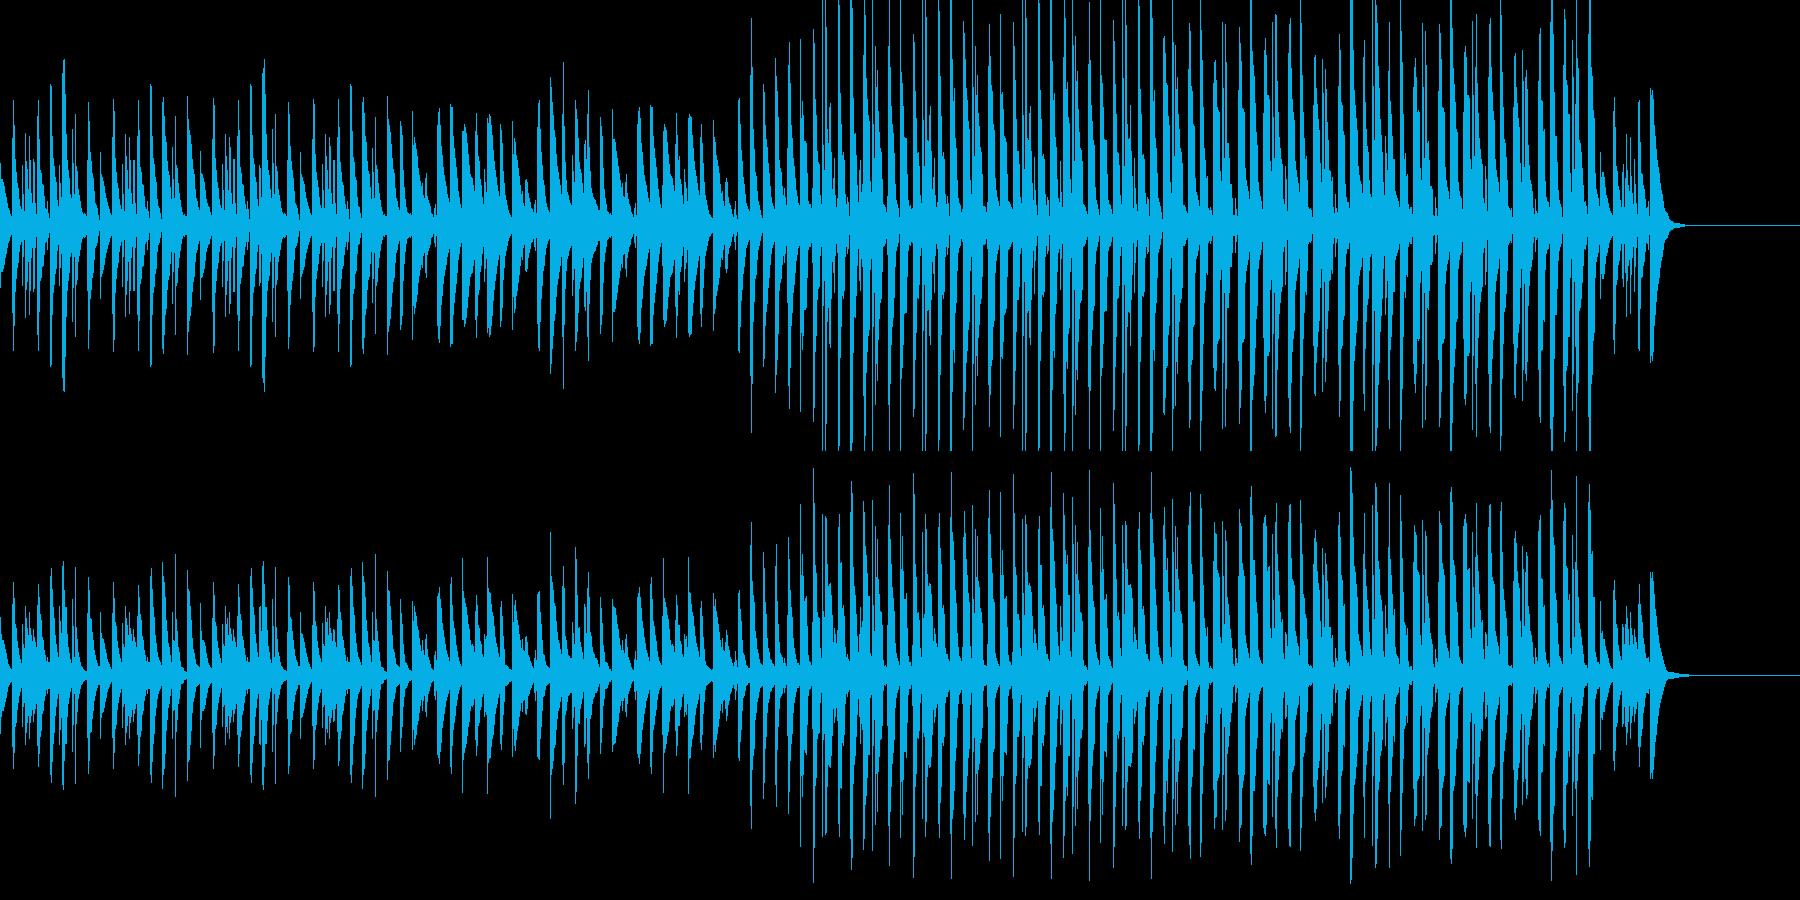 かわいらしい日常BGMの再生済みの波形